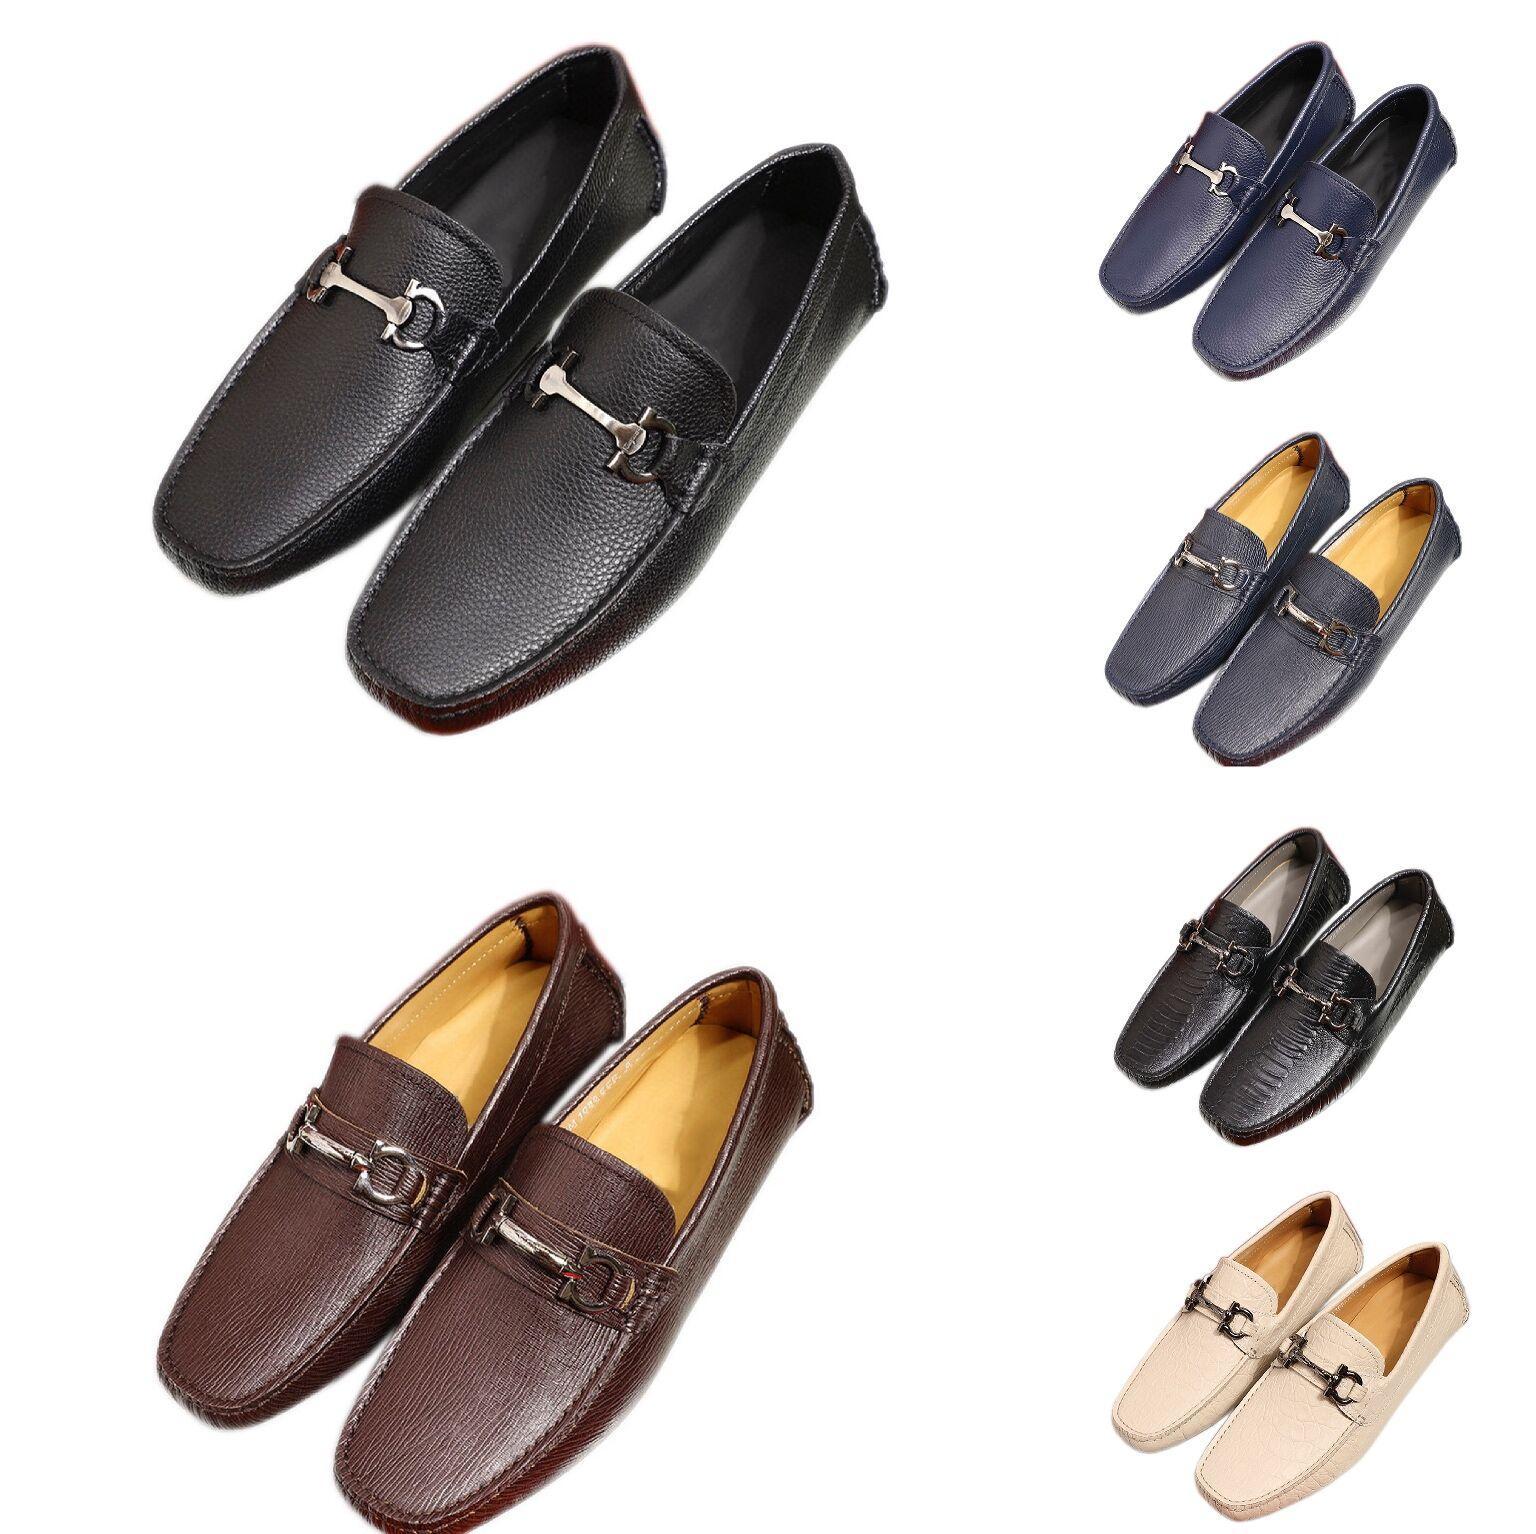 2020 أحذية جديد نمط رجل Fifter إينستاجرام متعطل عارضة جلد طبيعي الانزلاق على منصة ذكر ضوء القيادة البروغ حذاء أيرلندي Chaussures مع صندوق